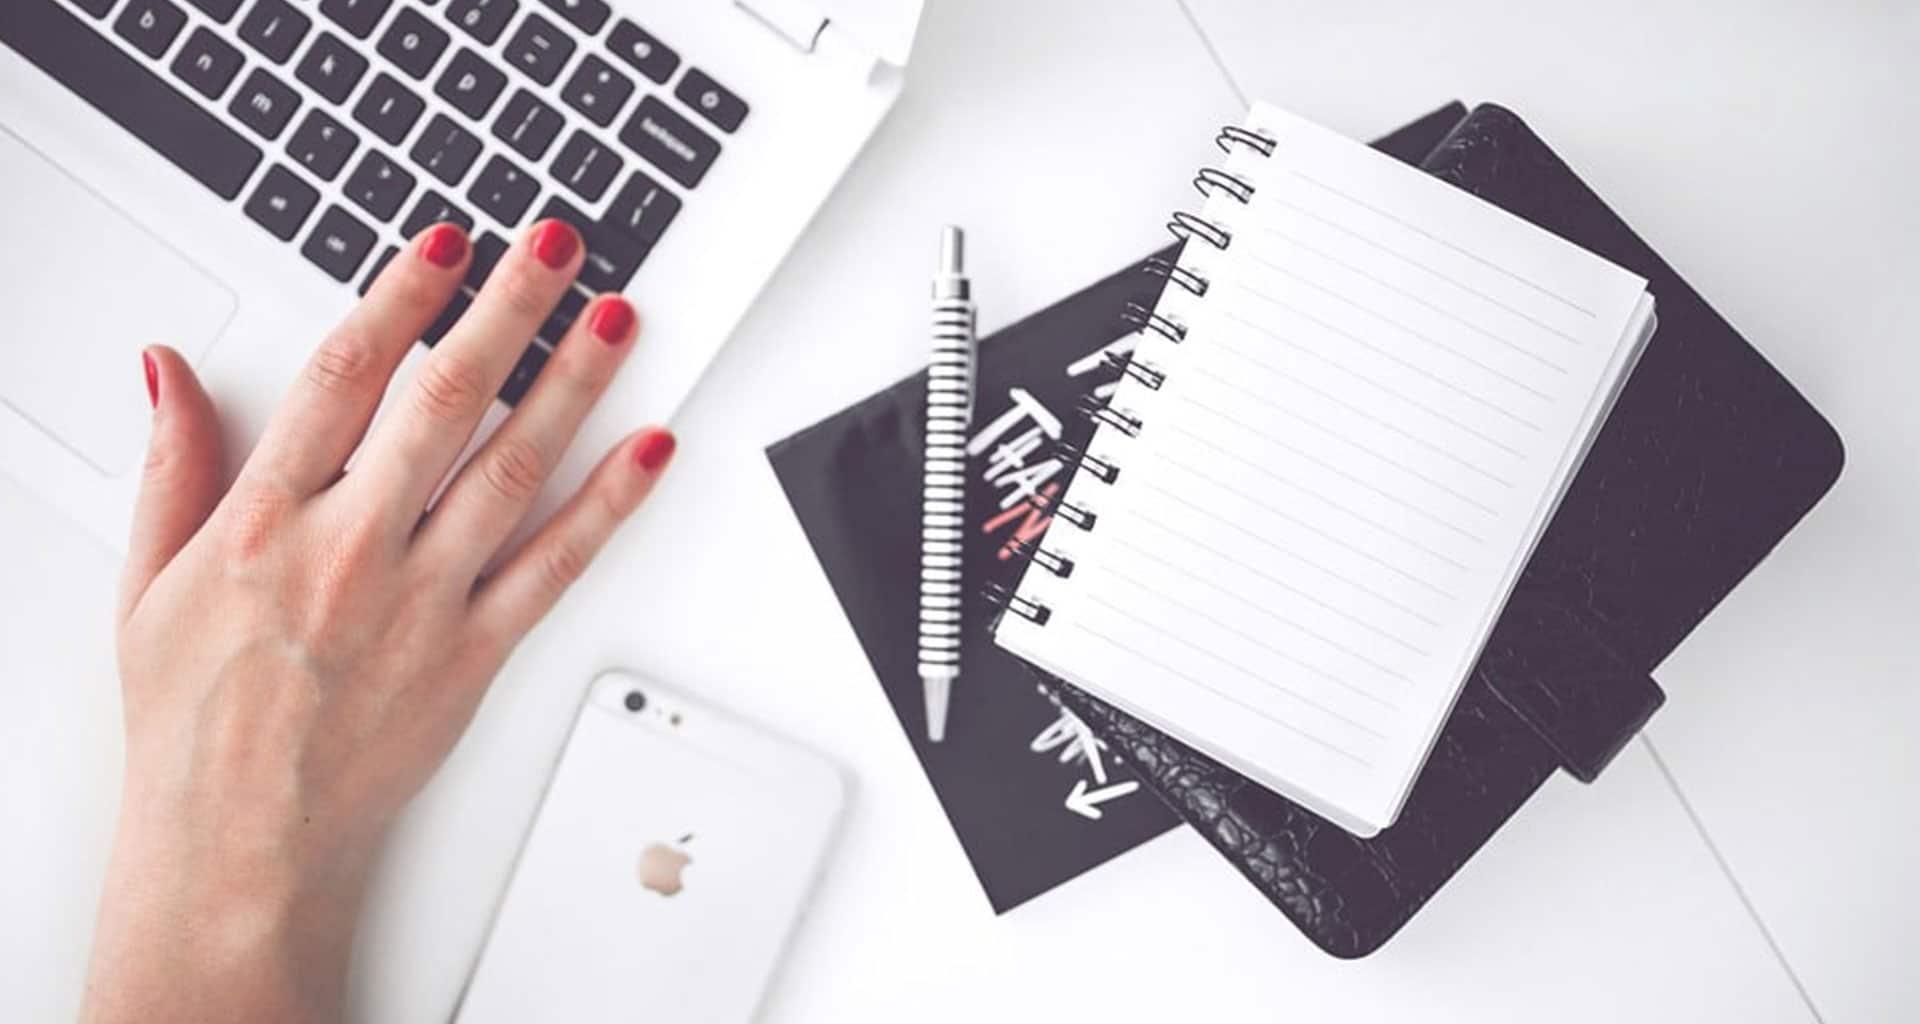 hand met macbook, iphone met een pen en schriften